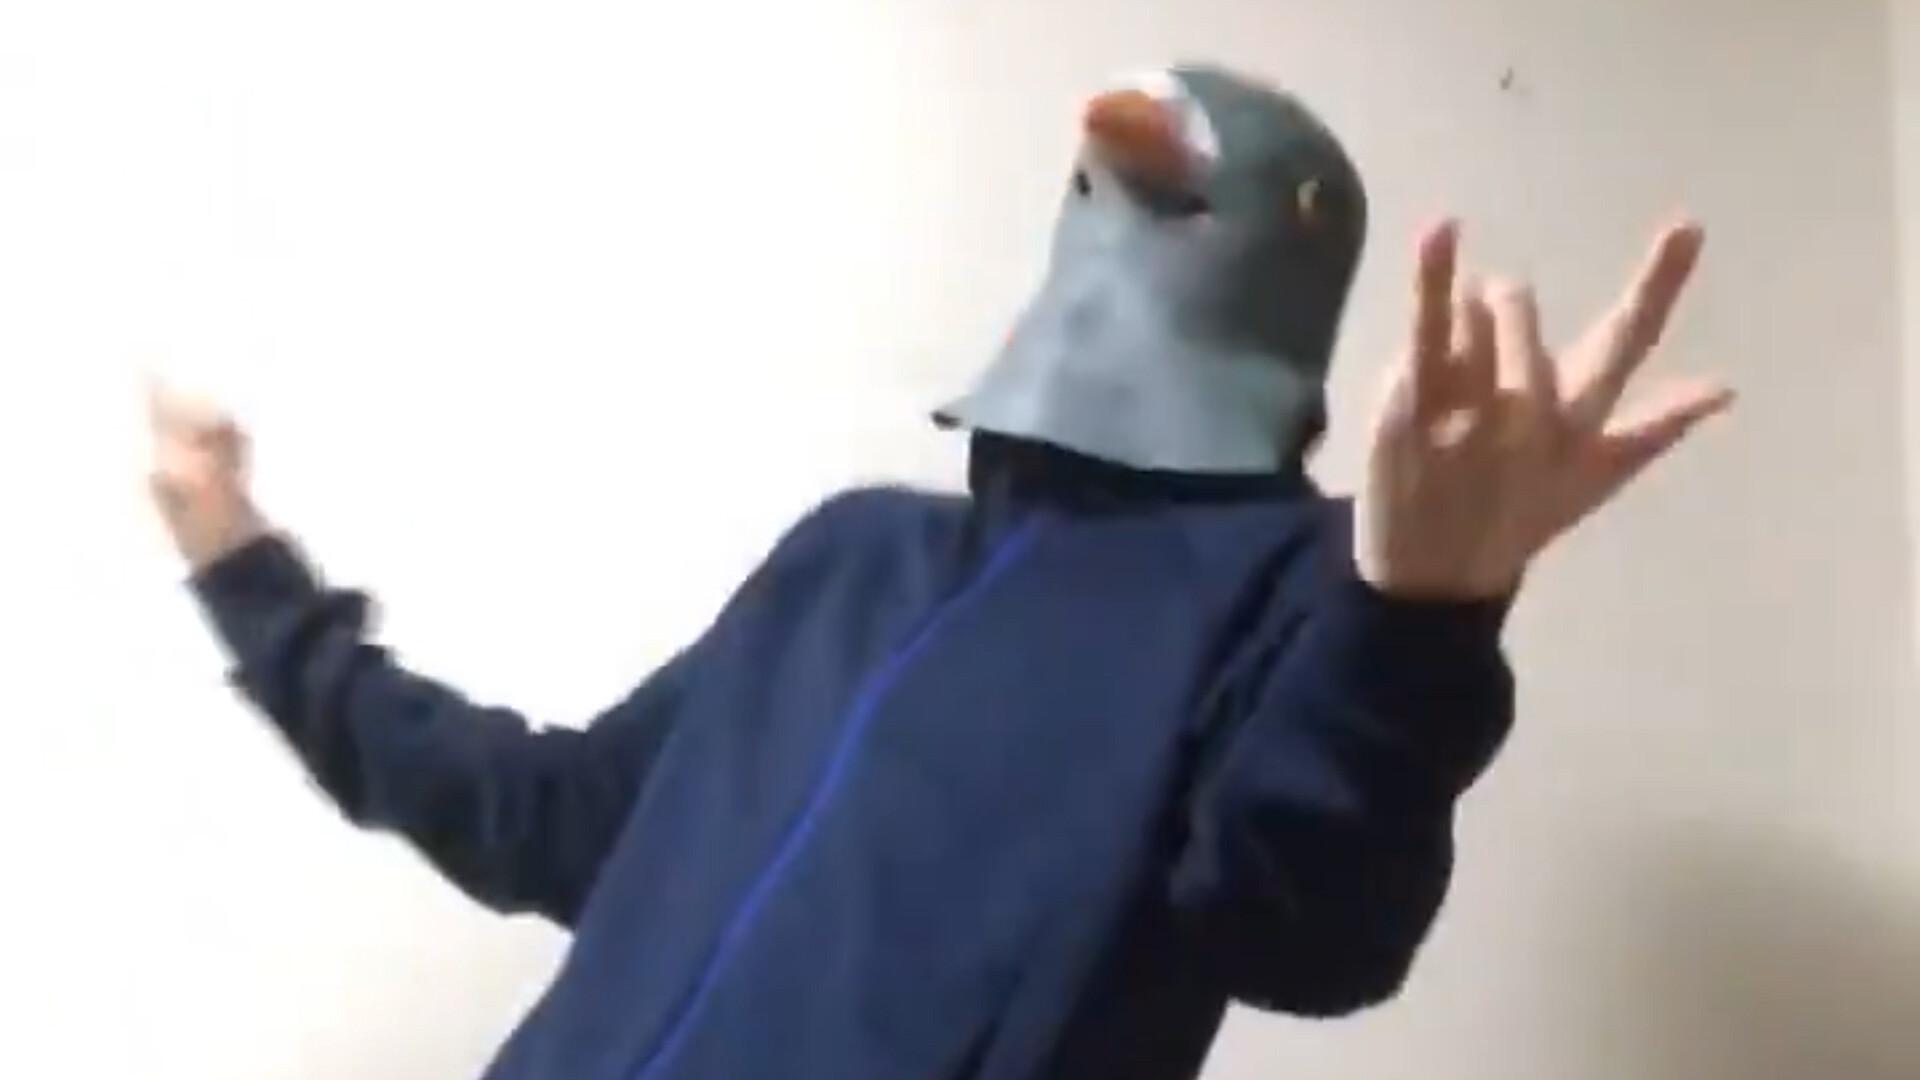 【細すぎて伝わらないモノマネ】ロビー画面のオクタン